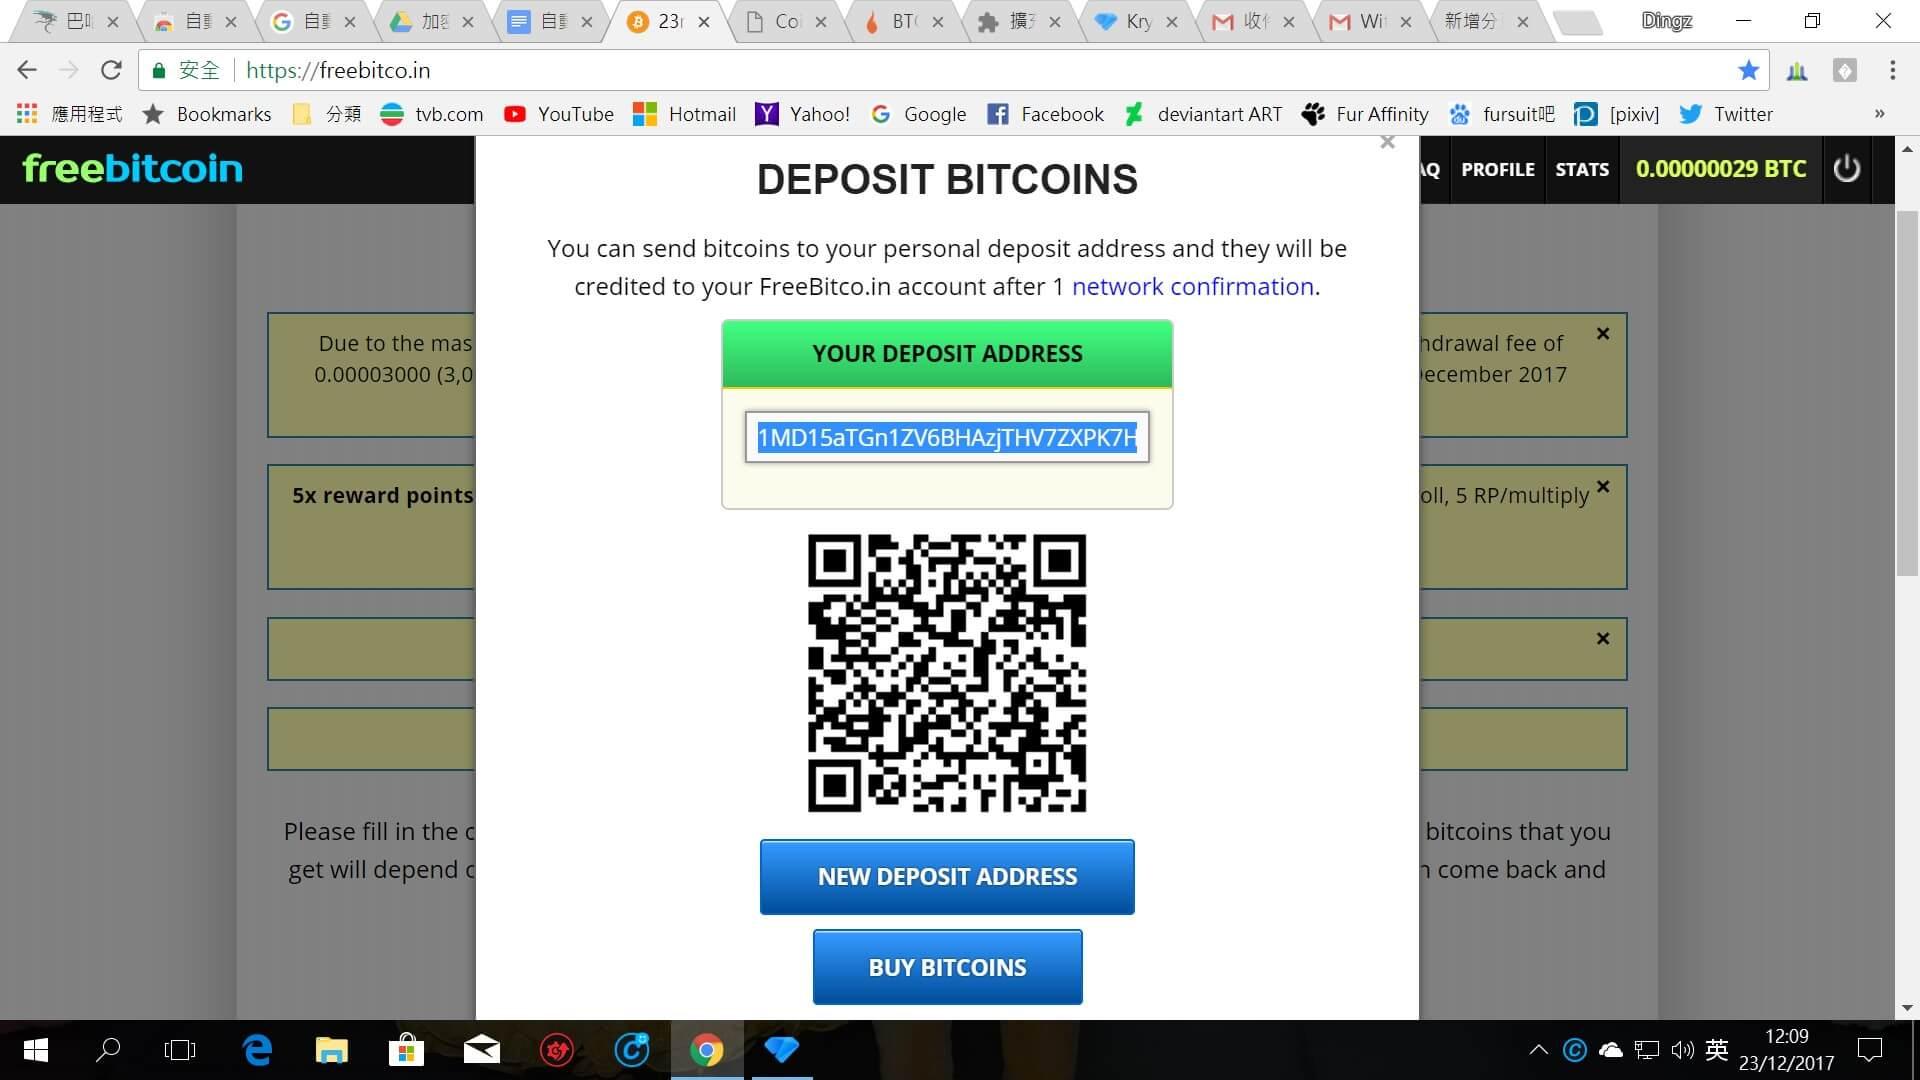 自動挖礦Nicehash替代方案Kryptex使用教學 - 其它數位貨幣 - 比特臺灣論壇